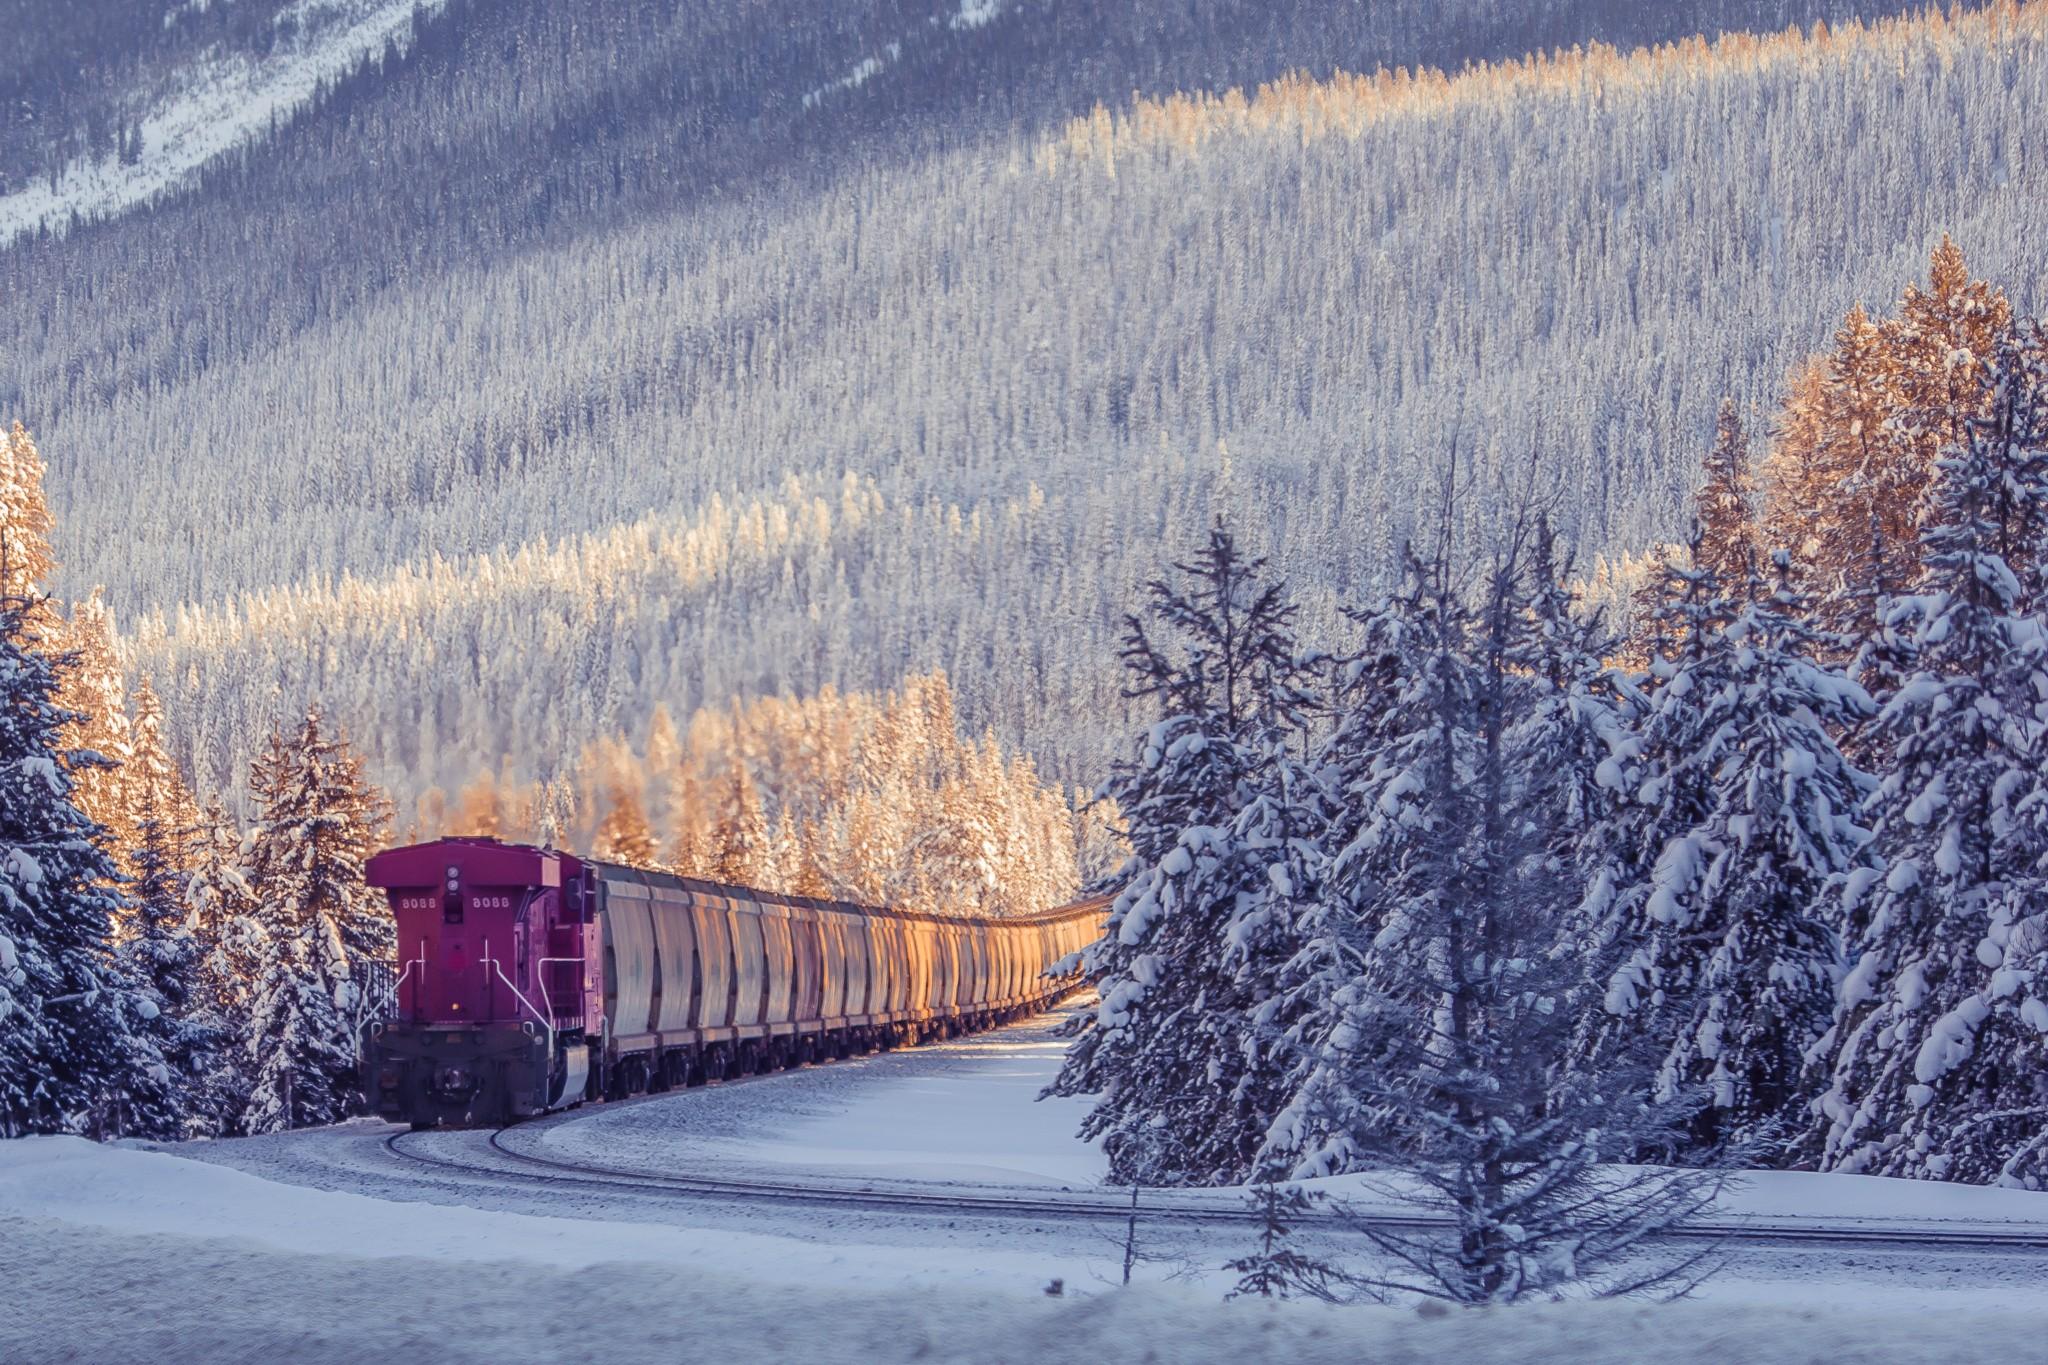 подобным фотографии поездов зимой него попали все